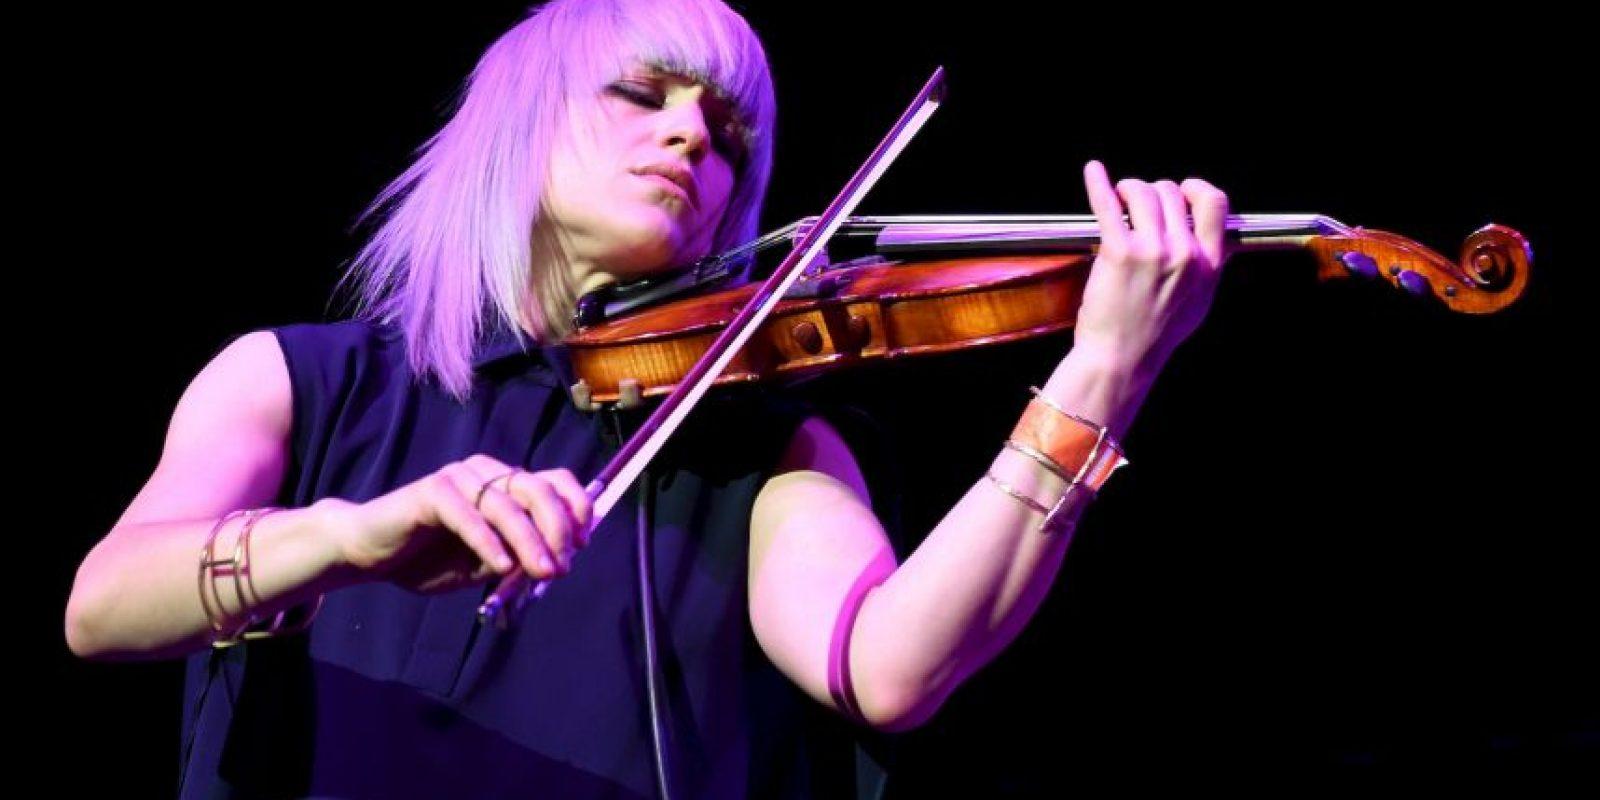 La gente no percibe la belleza que existe a su alrededor, según los resultados de este experimento, en donde el famoso violinista Josh Bell se disfrazó de músico callejero y tocó en una estación de Washington DC, EE.U. Foto:Getty